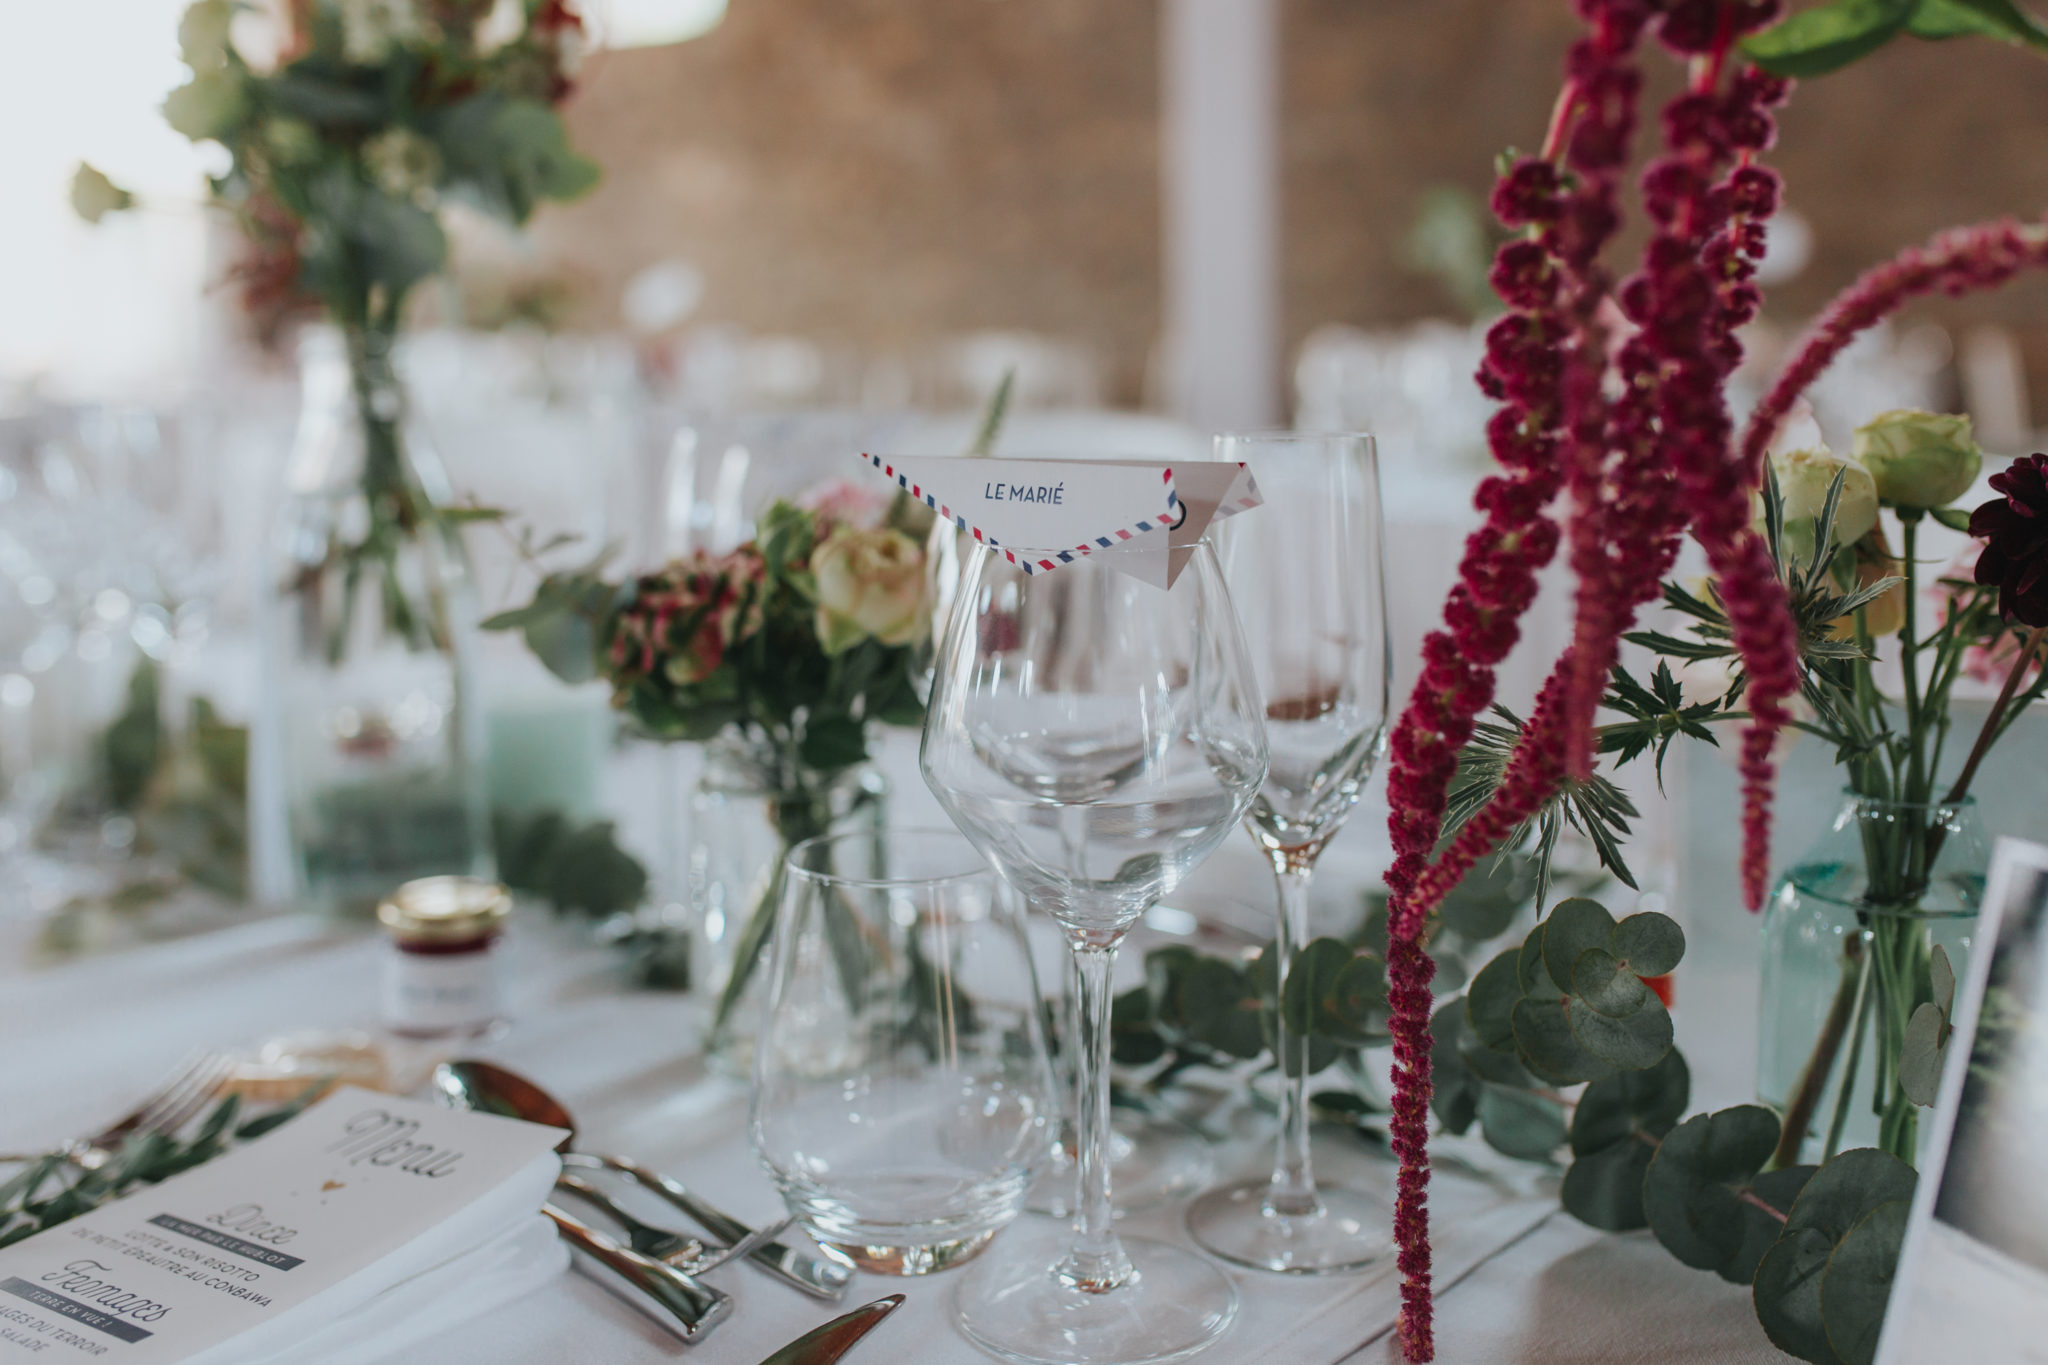 Décoration table thème voyage papeterie fleurs Manoir de la Fresnaye